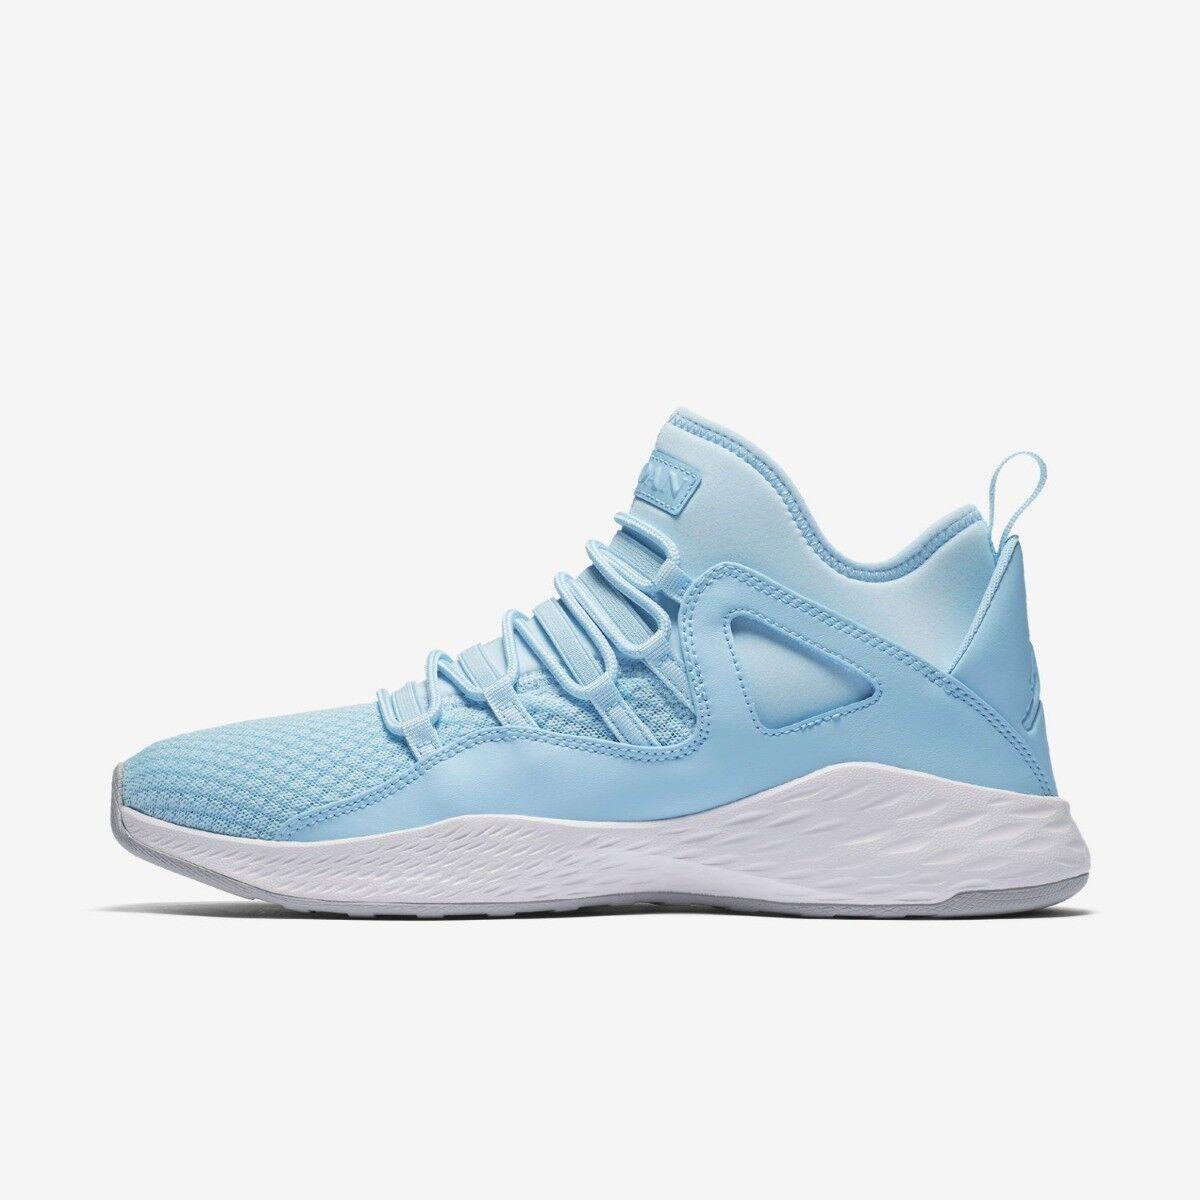 Nike Jordan Formula 23 da uomo Pallacanestro Scarpe Ginnastica VARIE MISURE 7.5